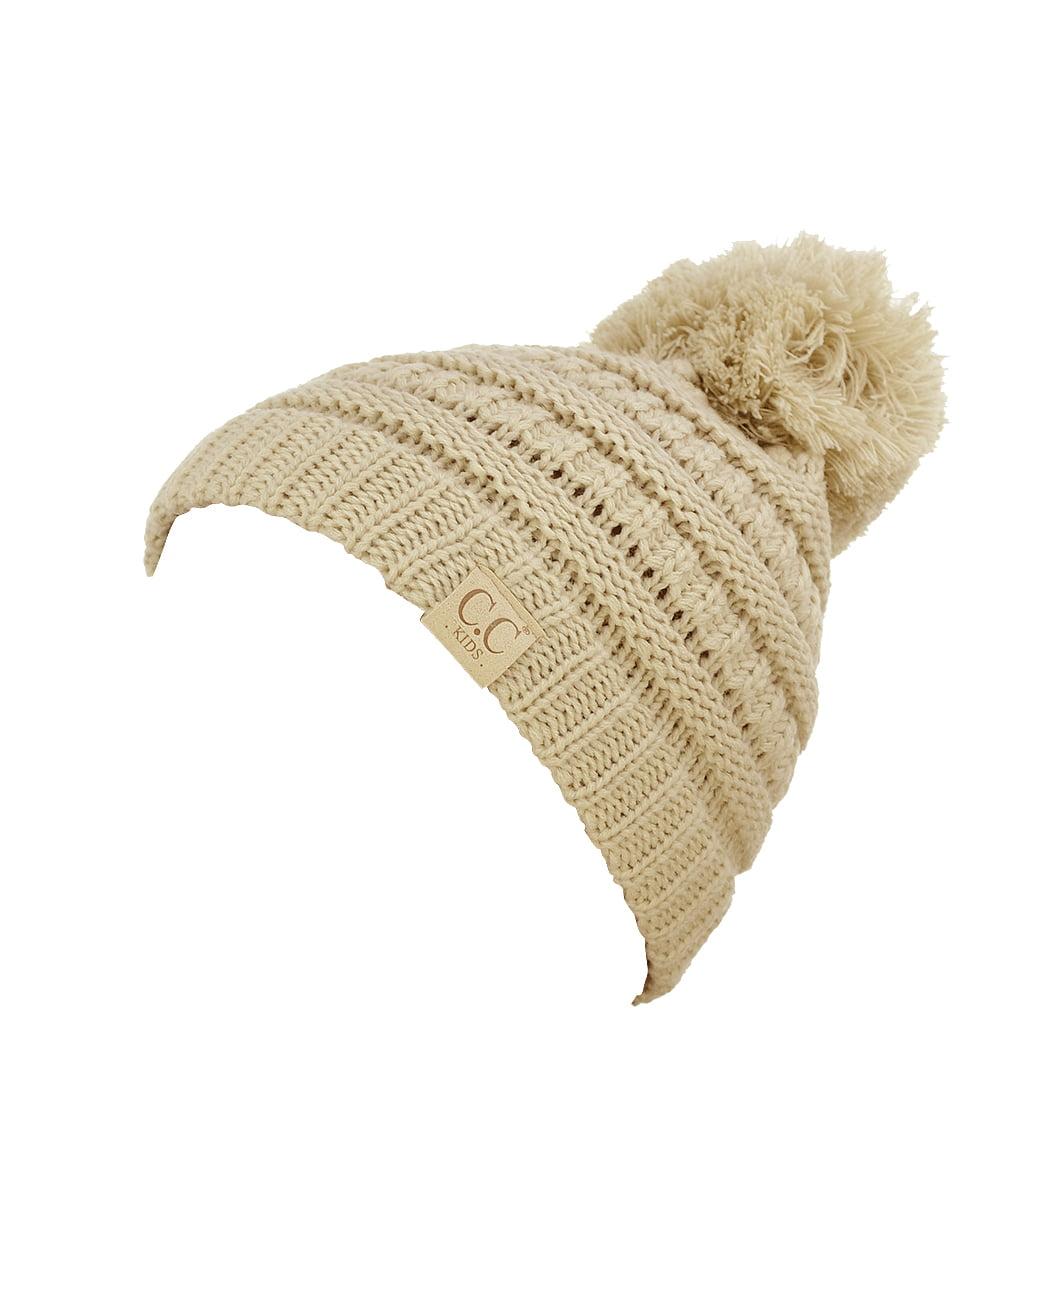 NYFASHION101® Kids C.C Cute Warm and Comfy Pom Pom Knit Ski Beanie Hat